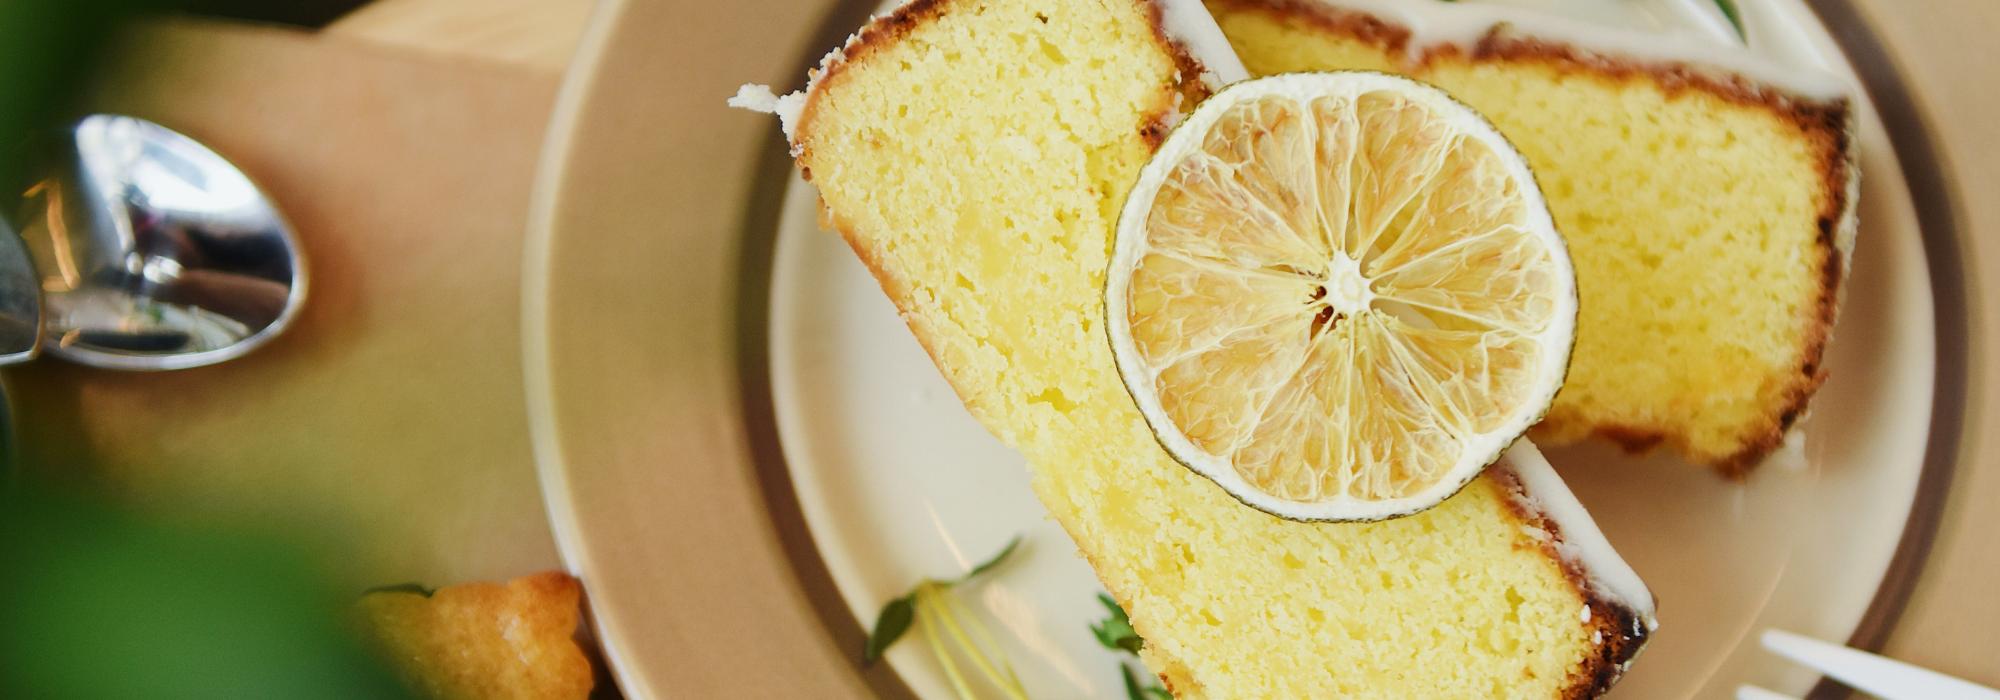 Sliced Lemon Loaf